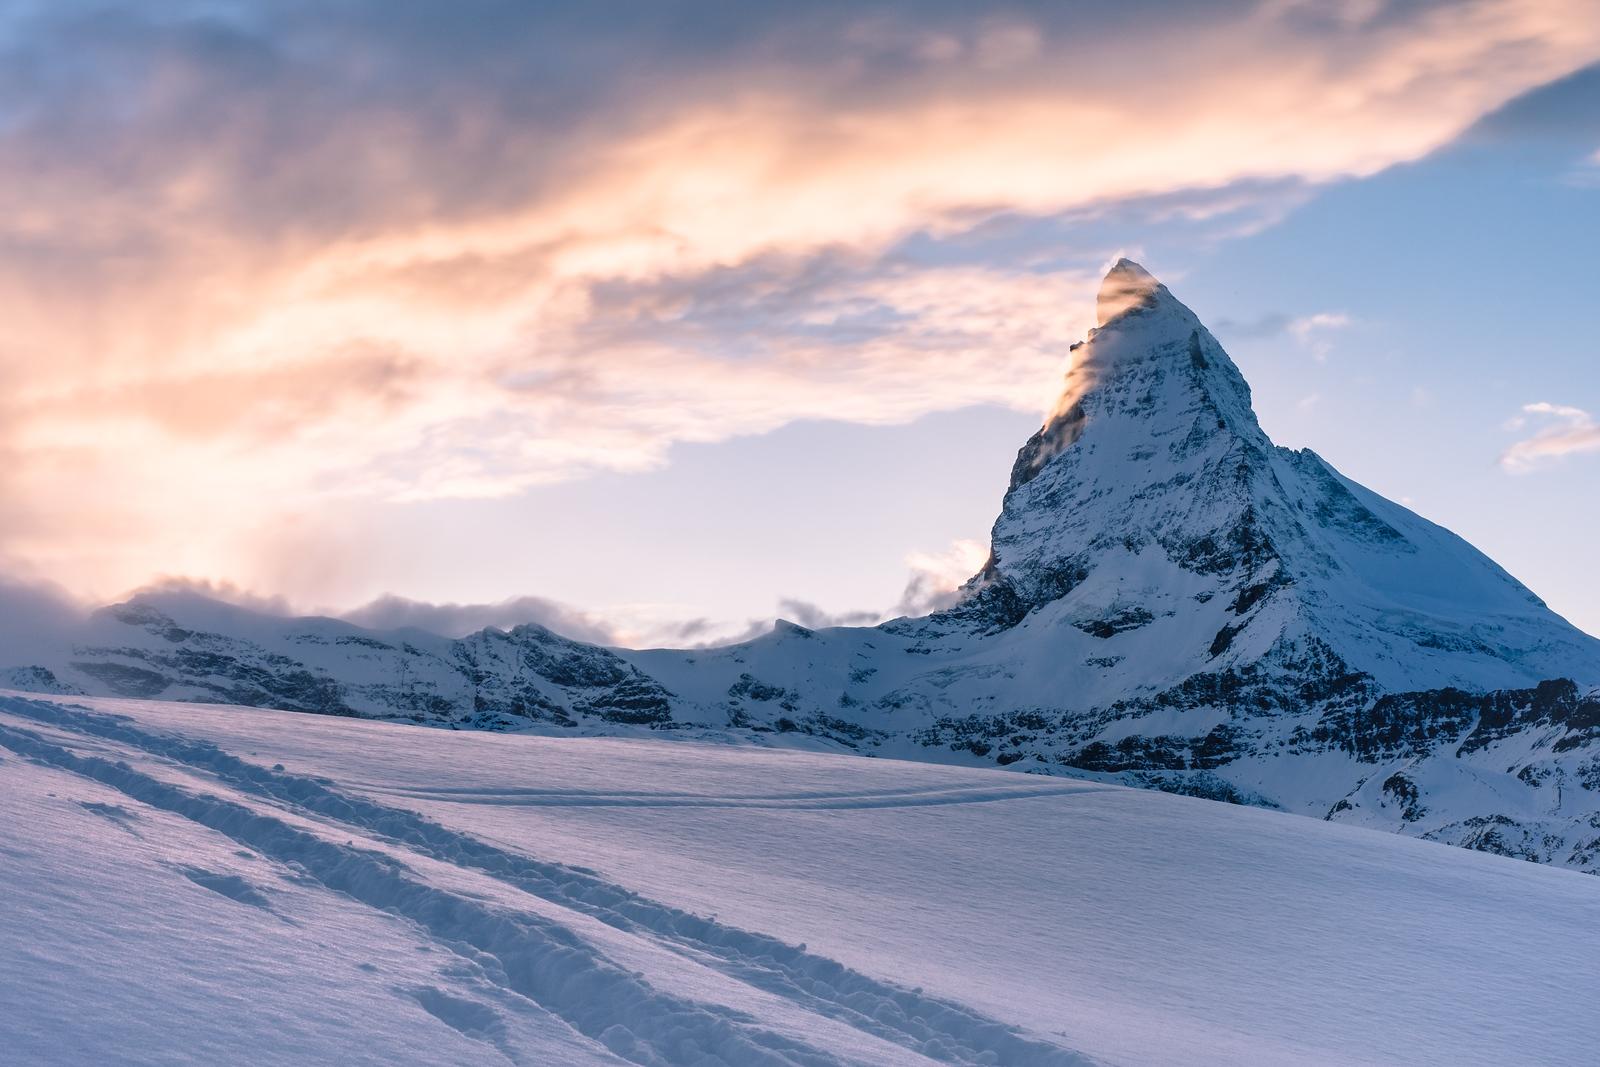 The Matterhorn at sunset